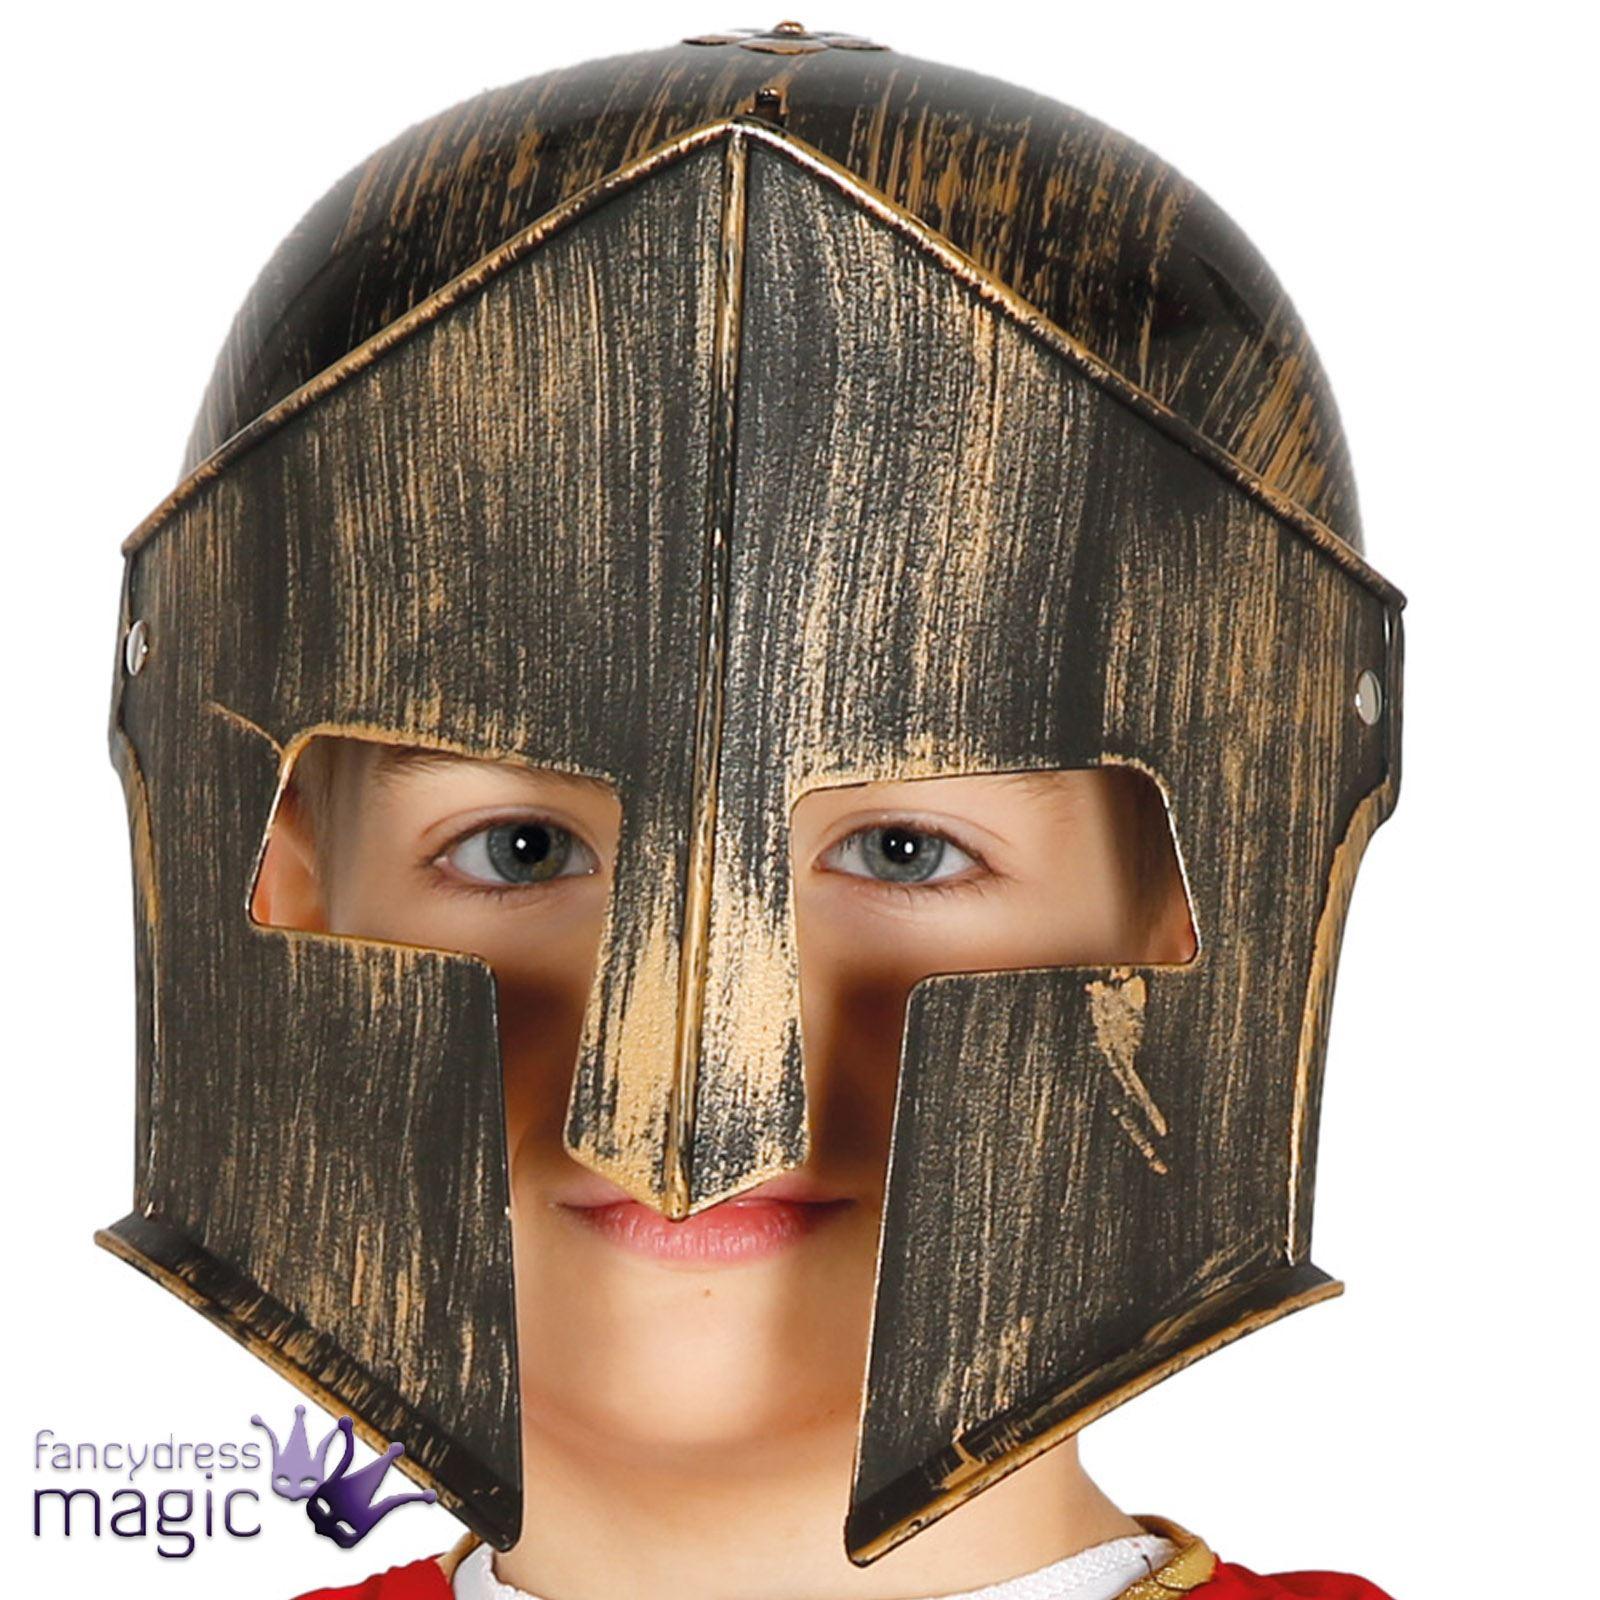 infantil Romano Soldado Disfraz Casco Gladiador espartano guerrero ...